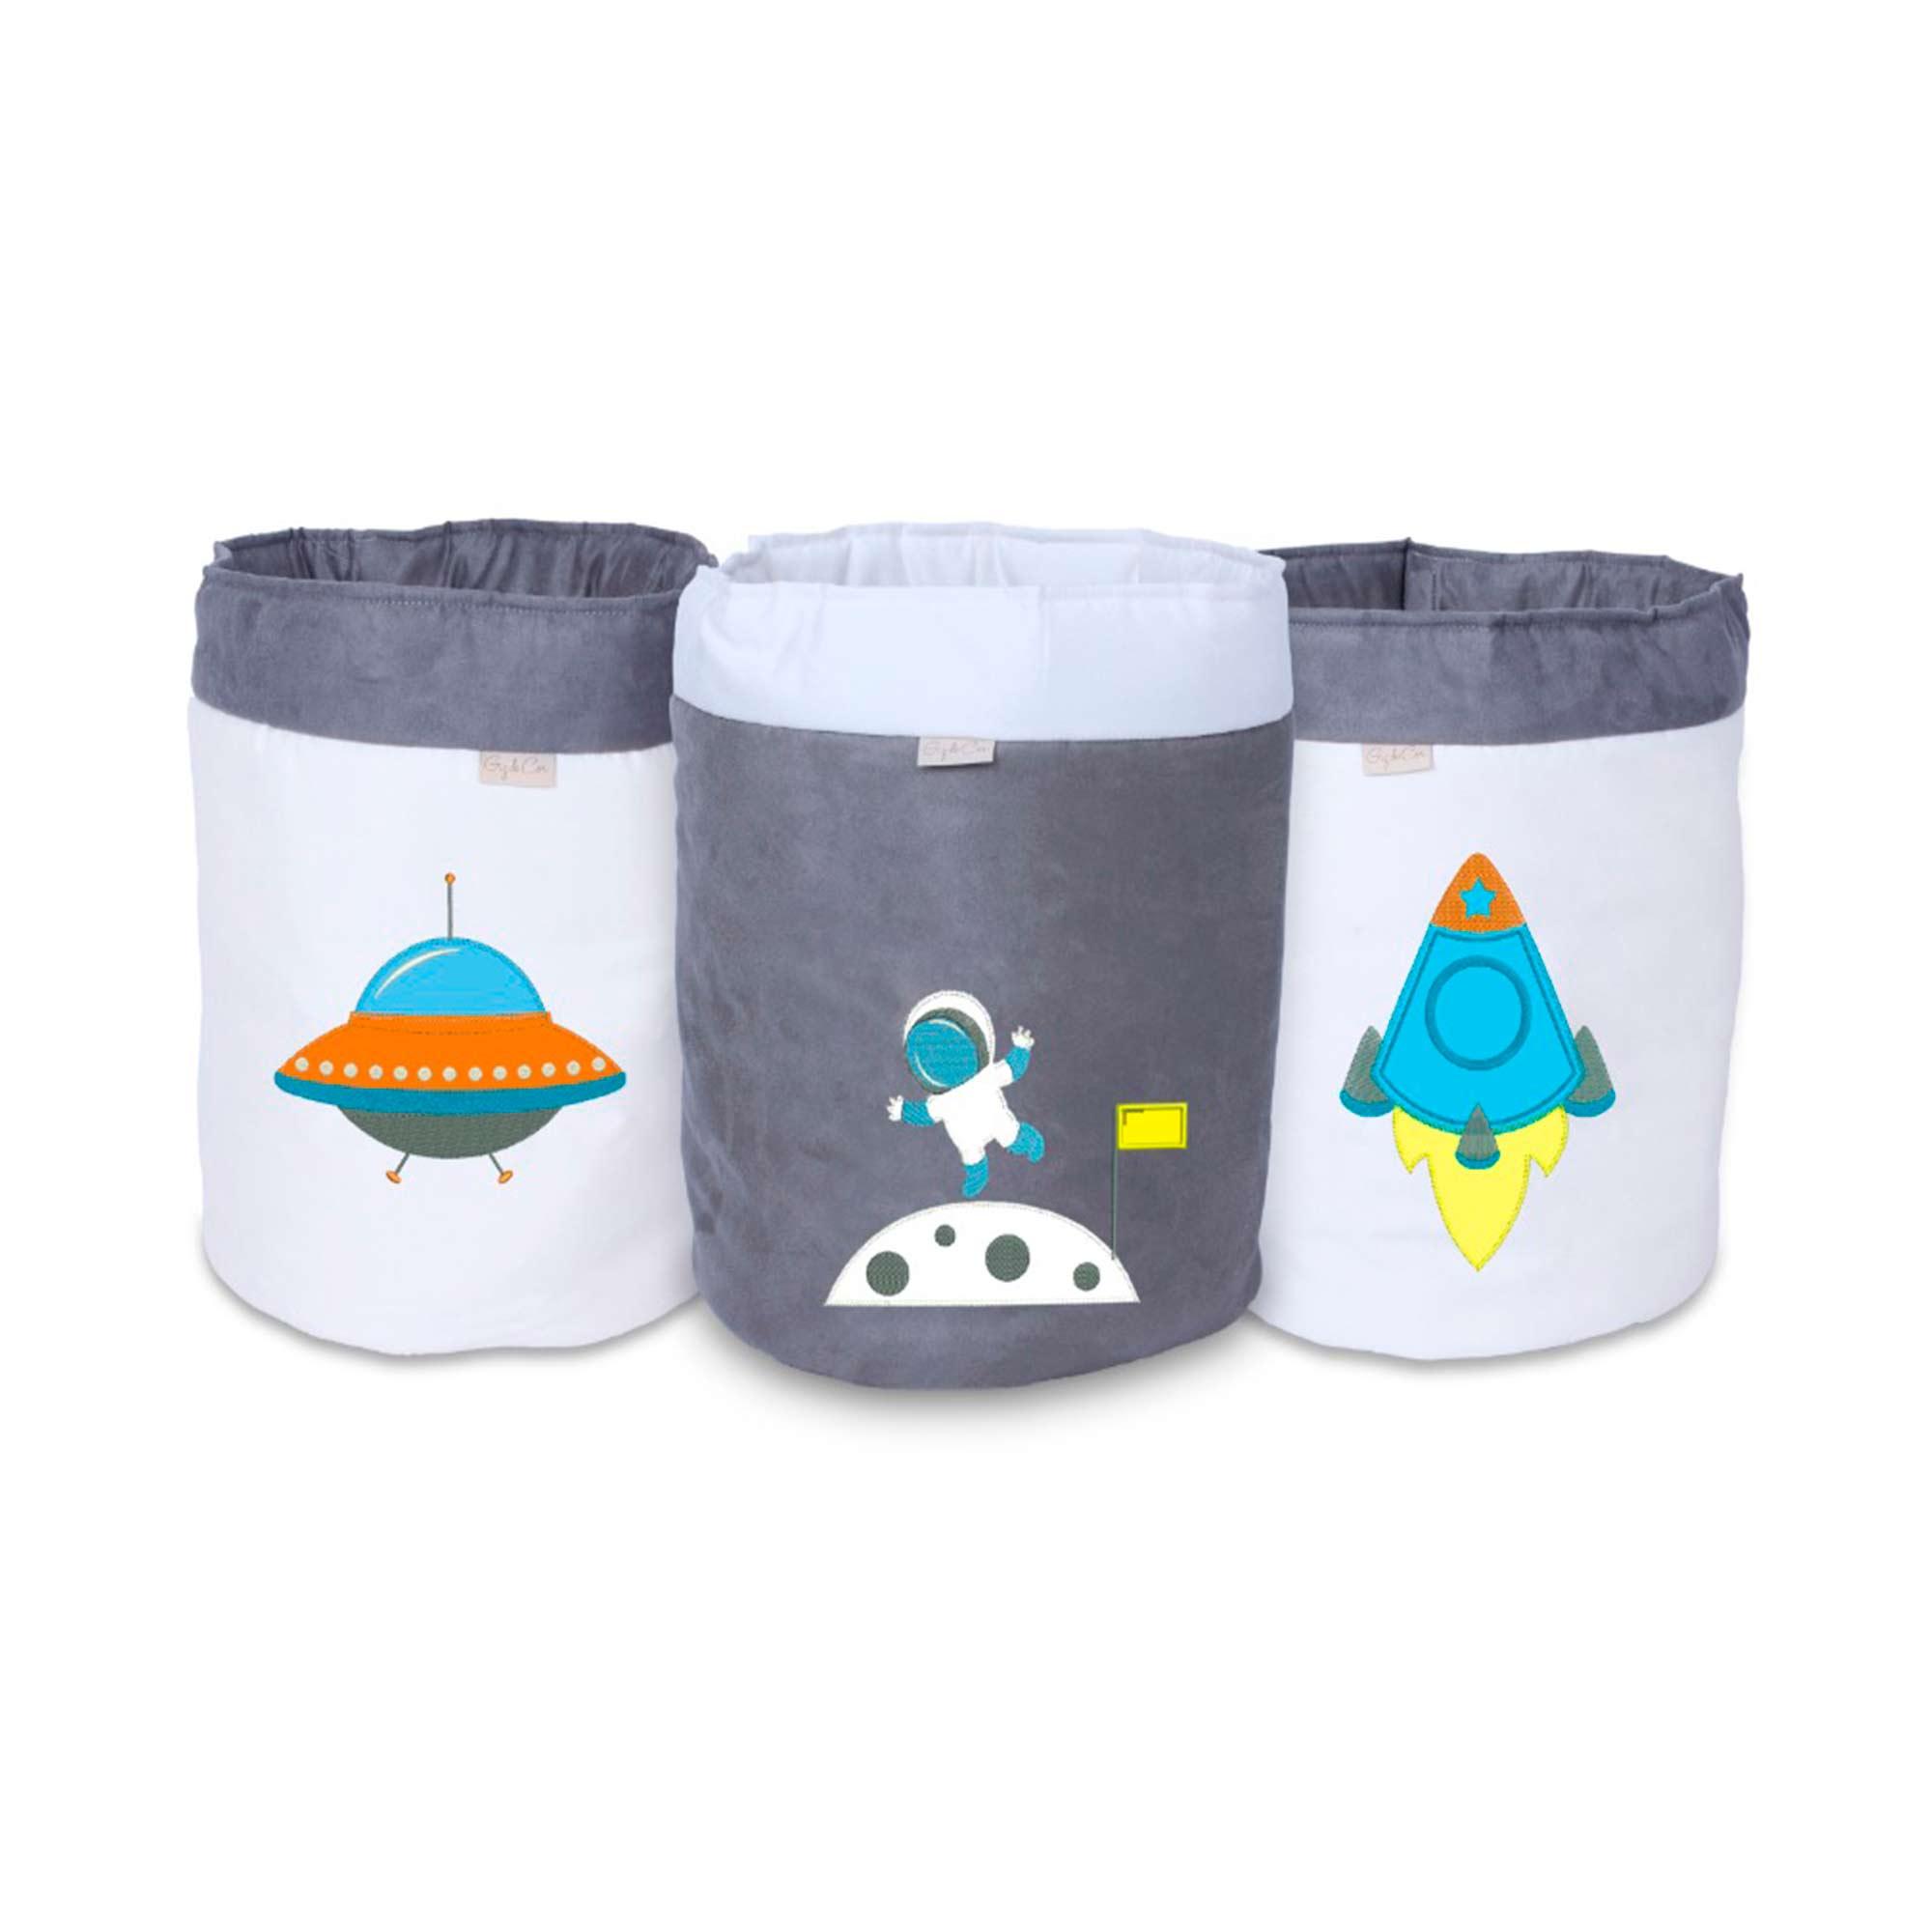 Conjunto de Cestos Organizadores Para Brinquedos Astronauta   - Toca do Bebê